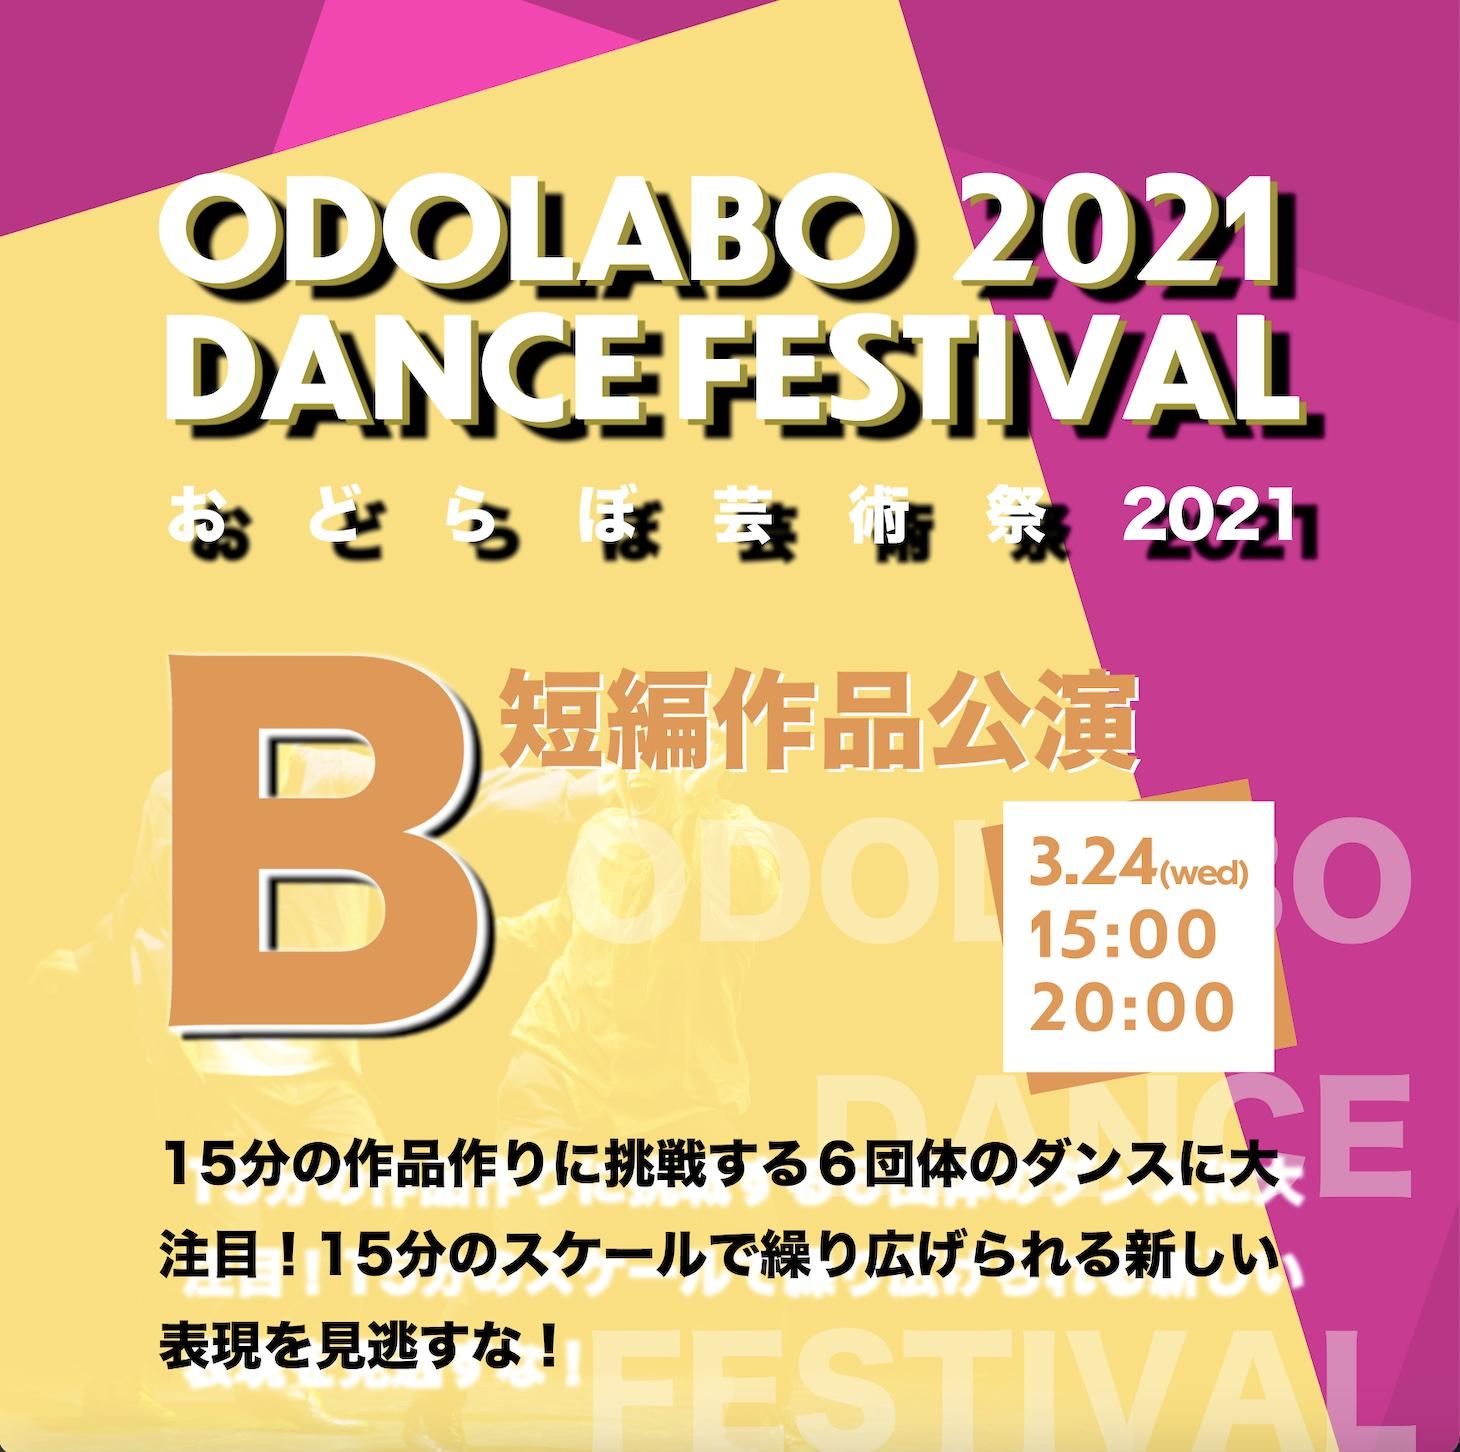 おどらぼ芸術祭2021 3/24(Wed) Bプログラム「15min」